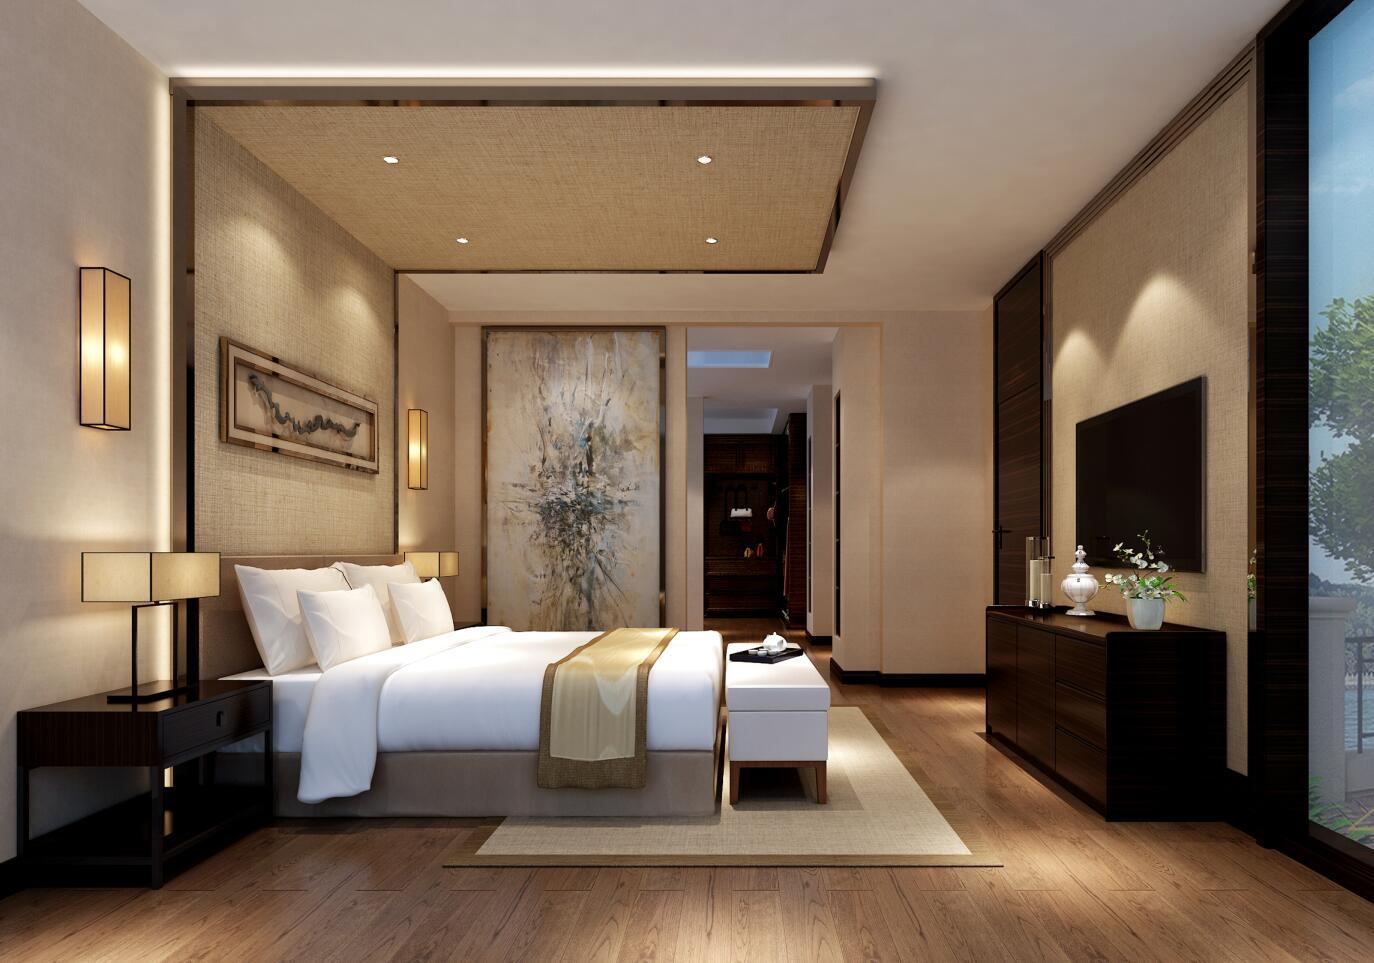 东郊华庭 装修设计 新中式风格 腾龙设计 曹晖作品 卧室图片来自设计师曹晖在东郊华庭别墅装修新中式设计的分享